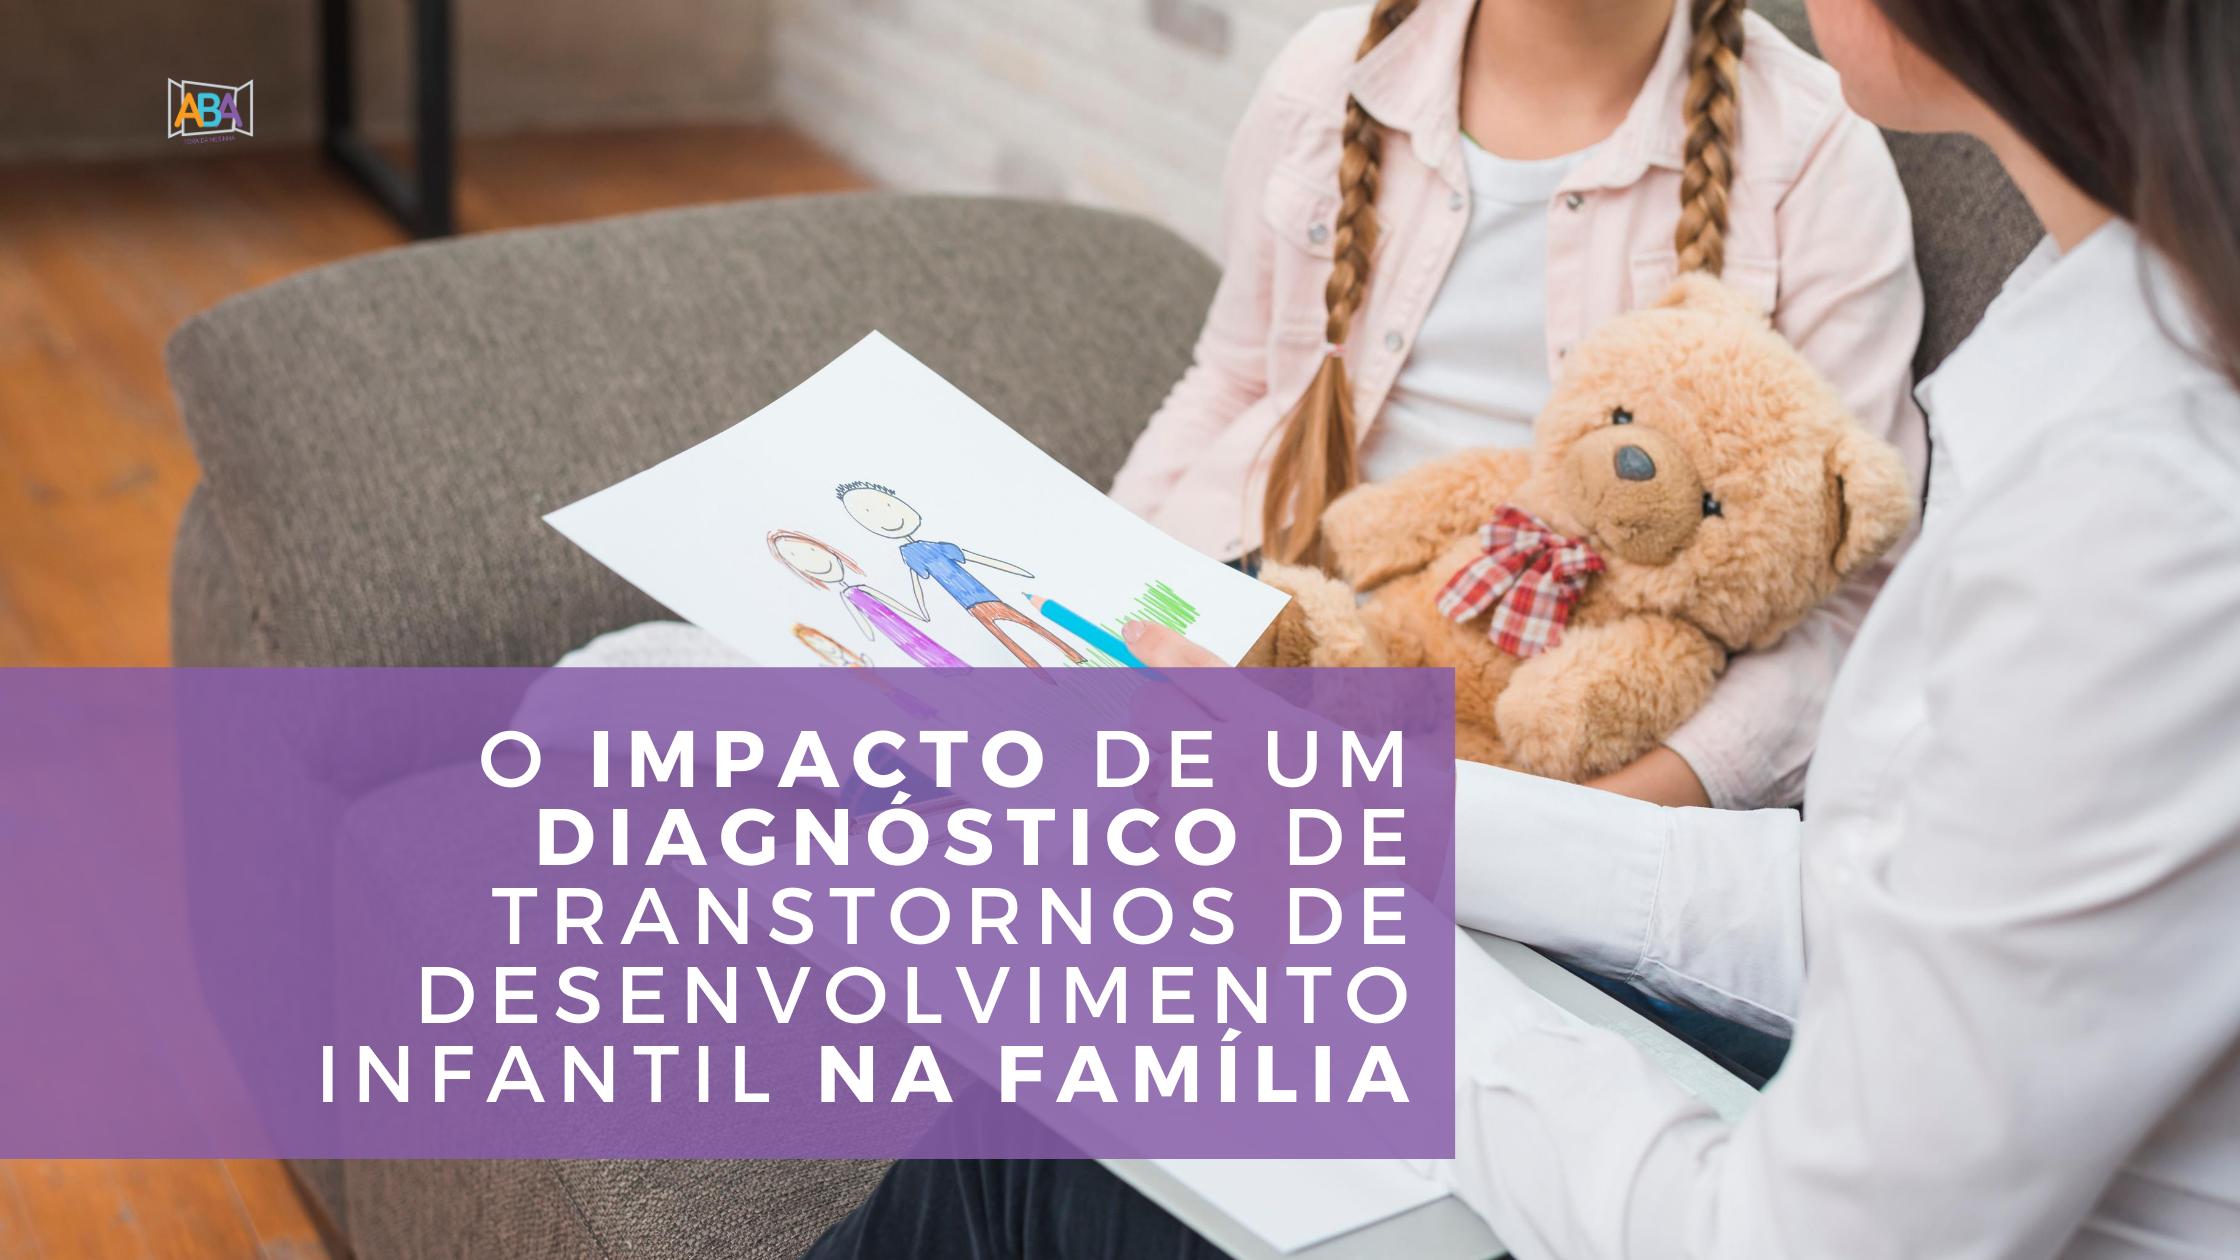 O Impacto de um Diagnóstico de Transtornos de Desenvolvimento infantil na família